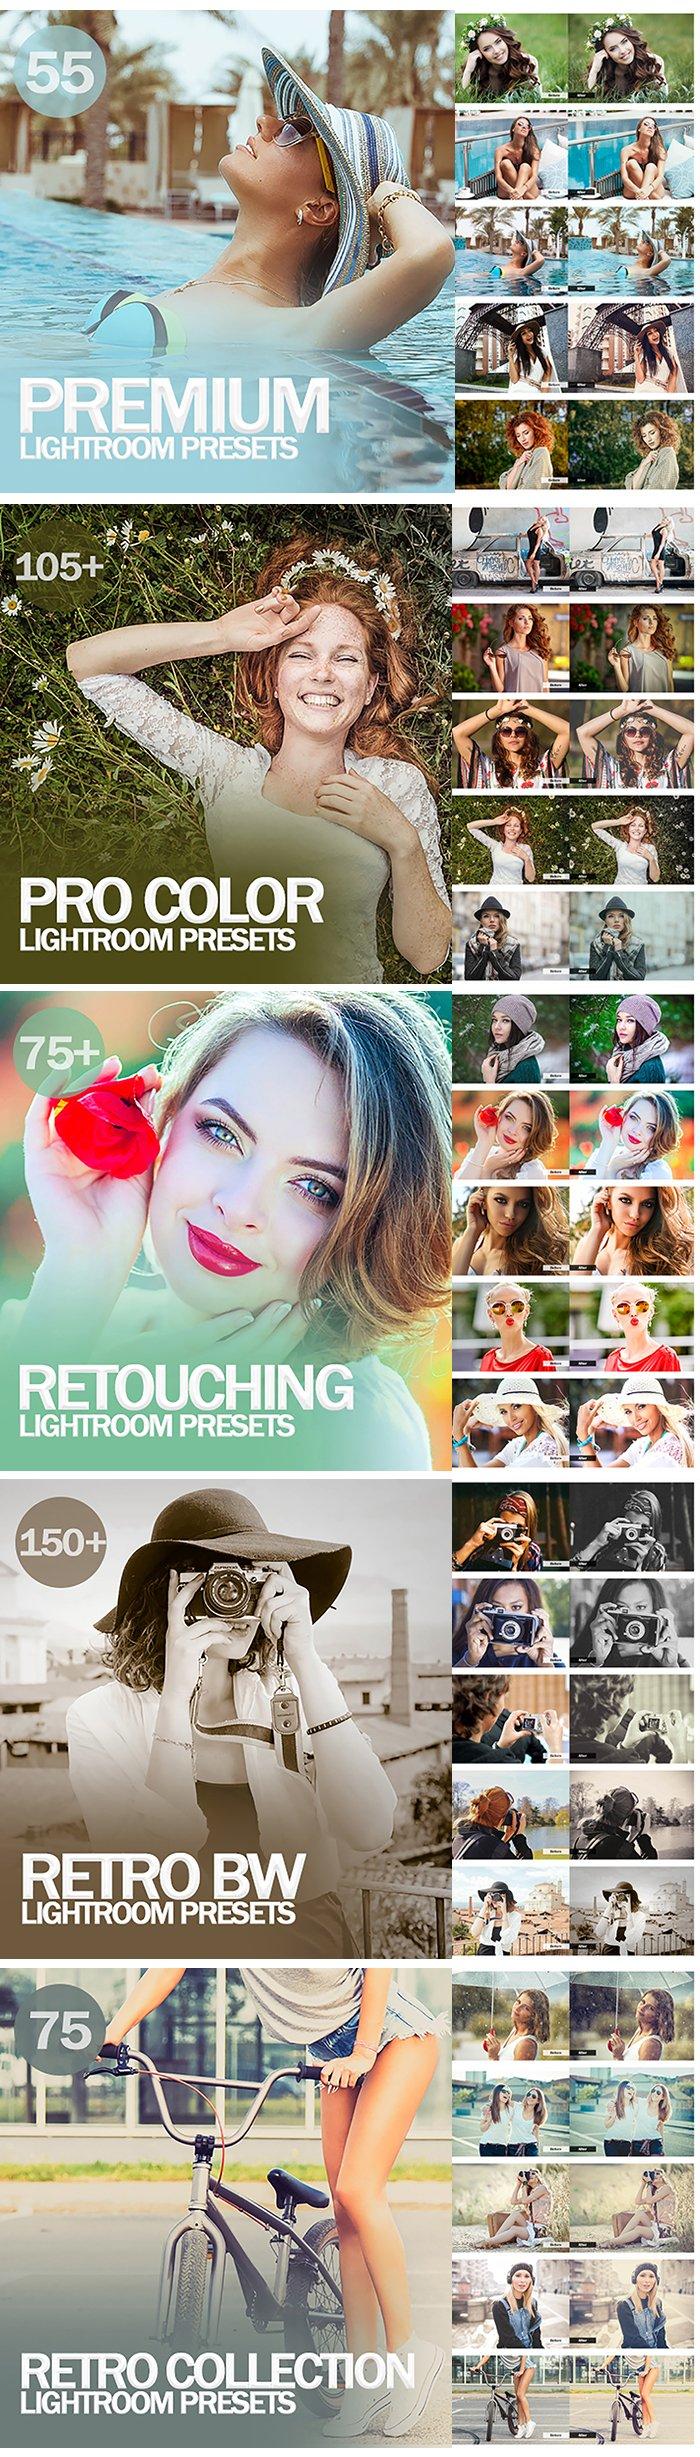 20,000+ Mega bundle Mobile and Desktop Lightroom Presets - 12 1